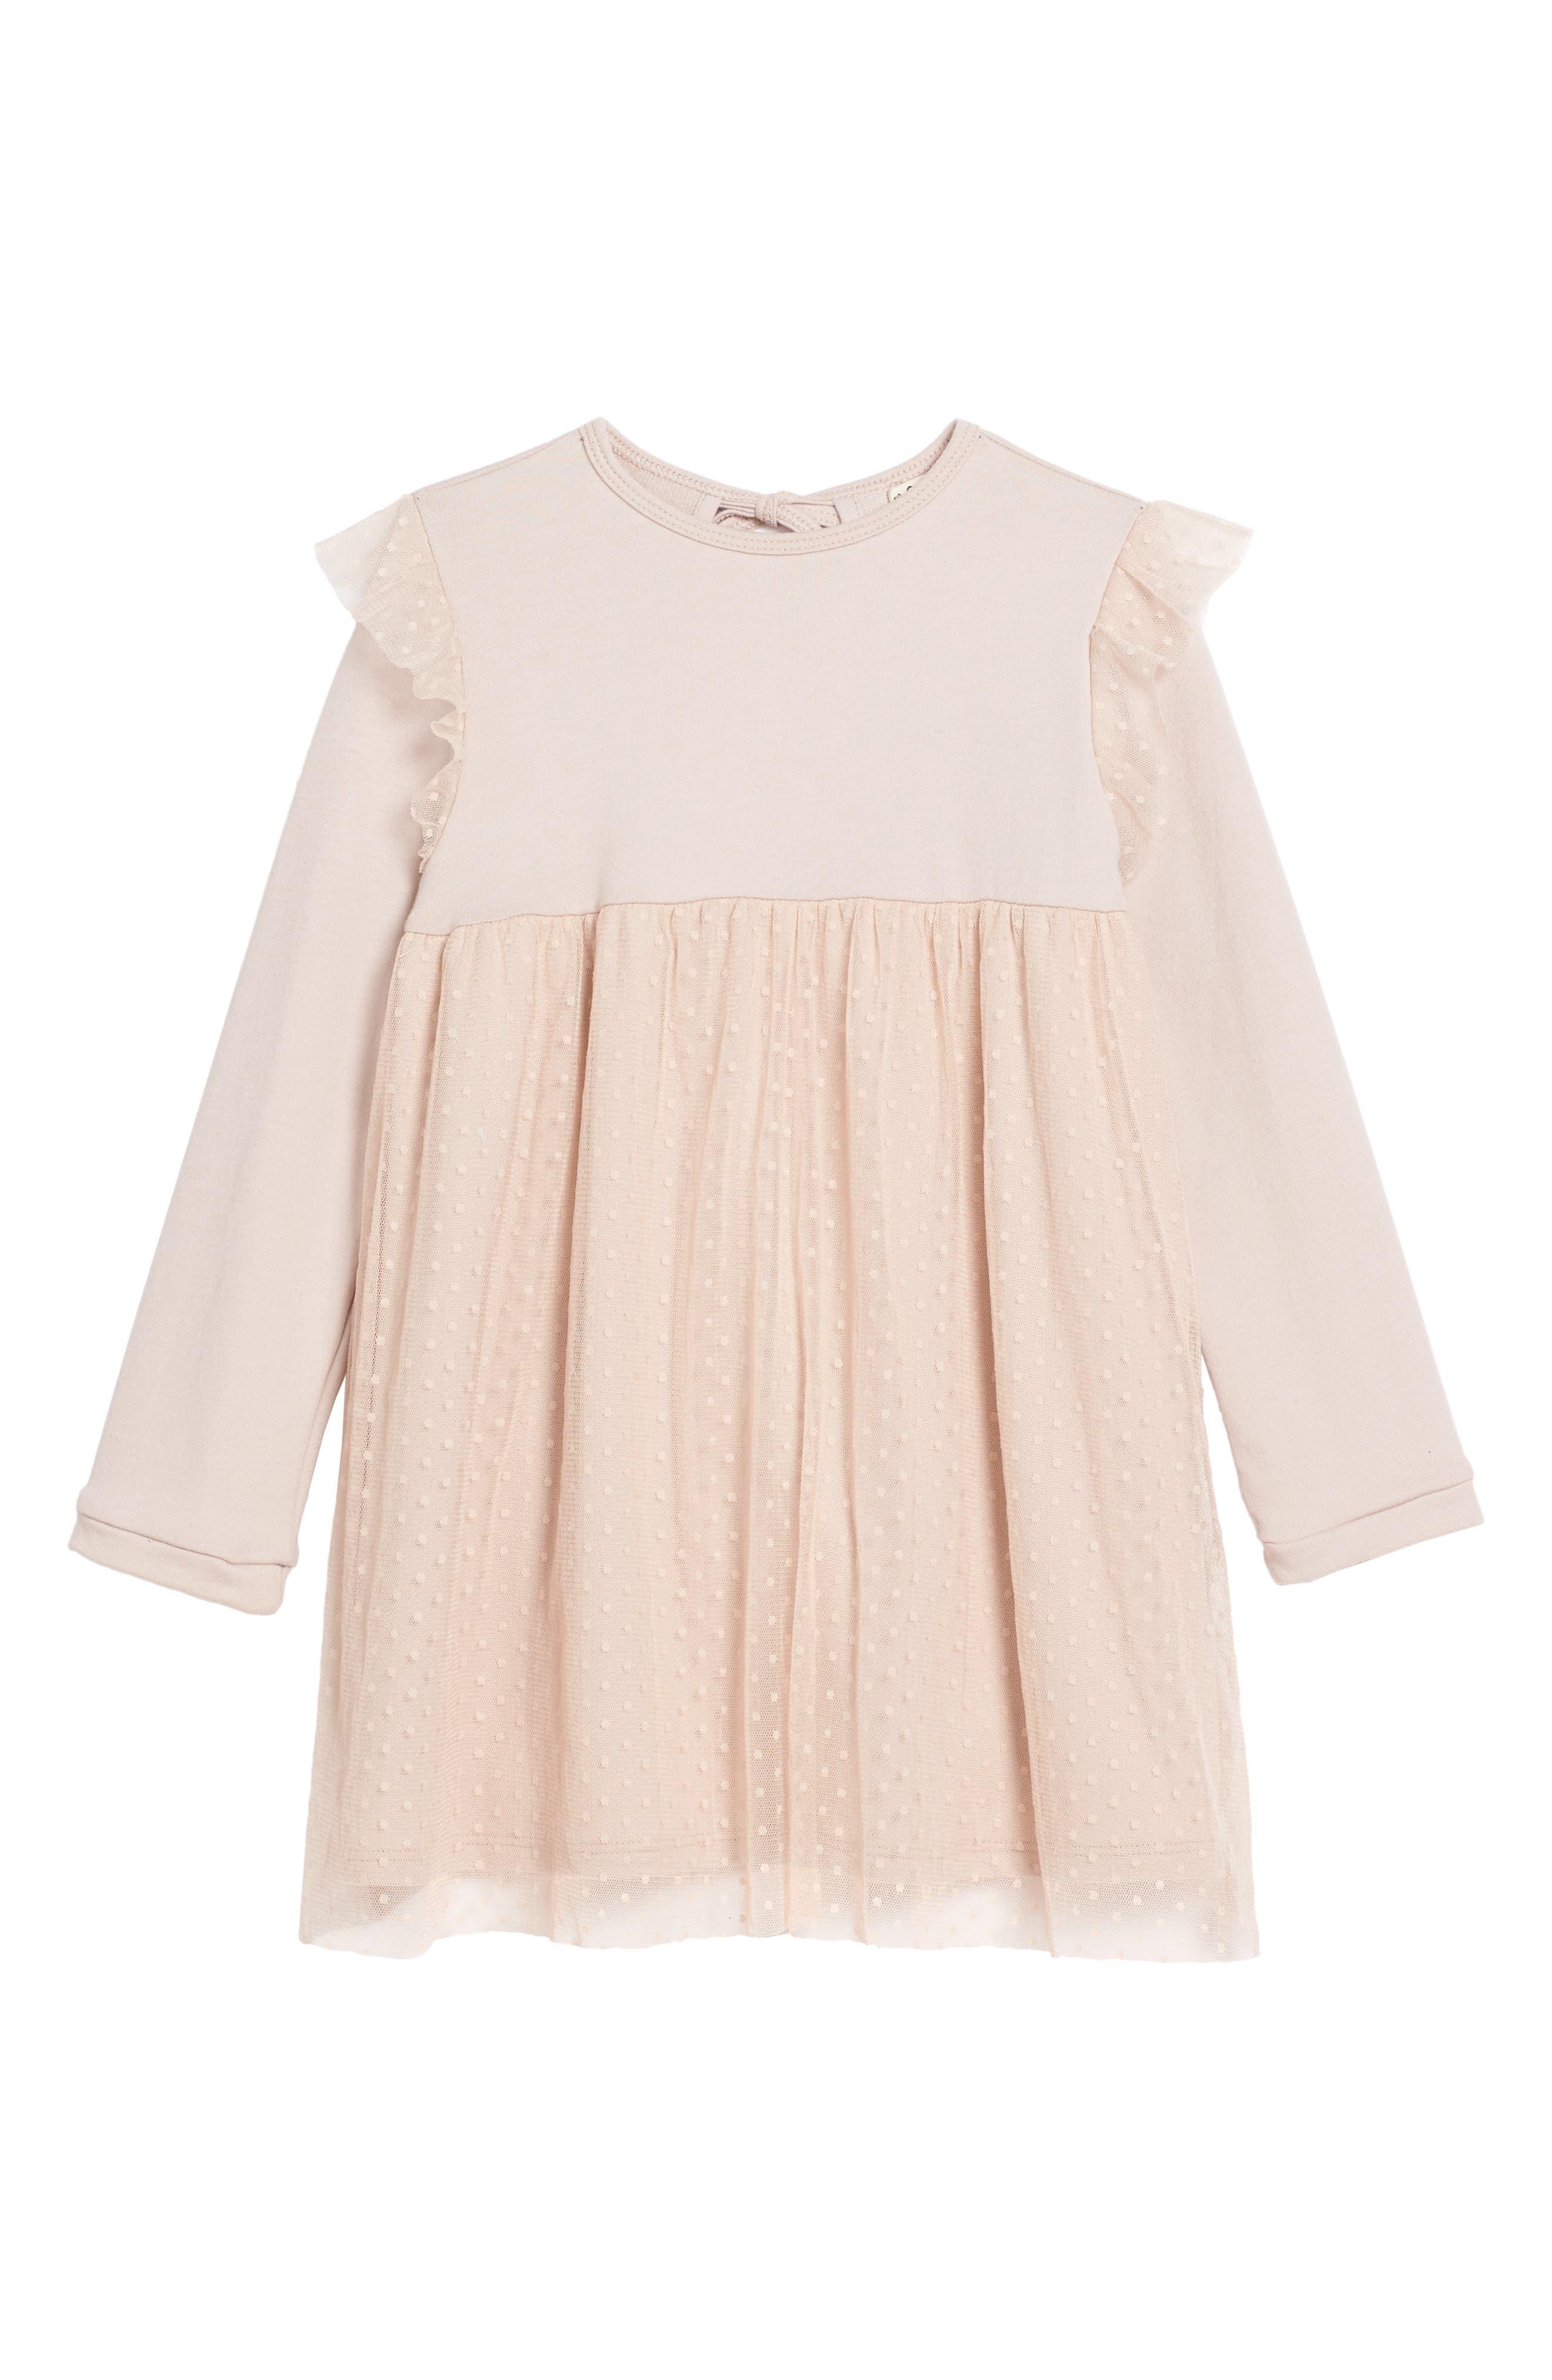 Alternate Image 1 Selected - Lil Lemons by For Love & Lemons Ballerina Tulle Dress (Toddler Girls & Little Girls)